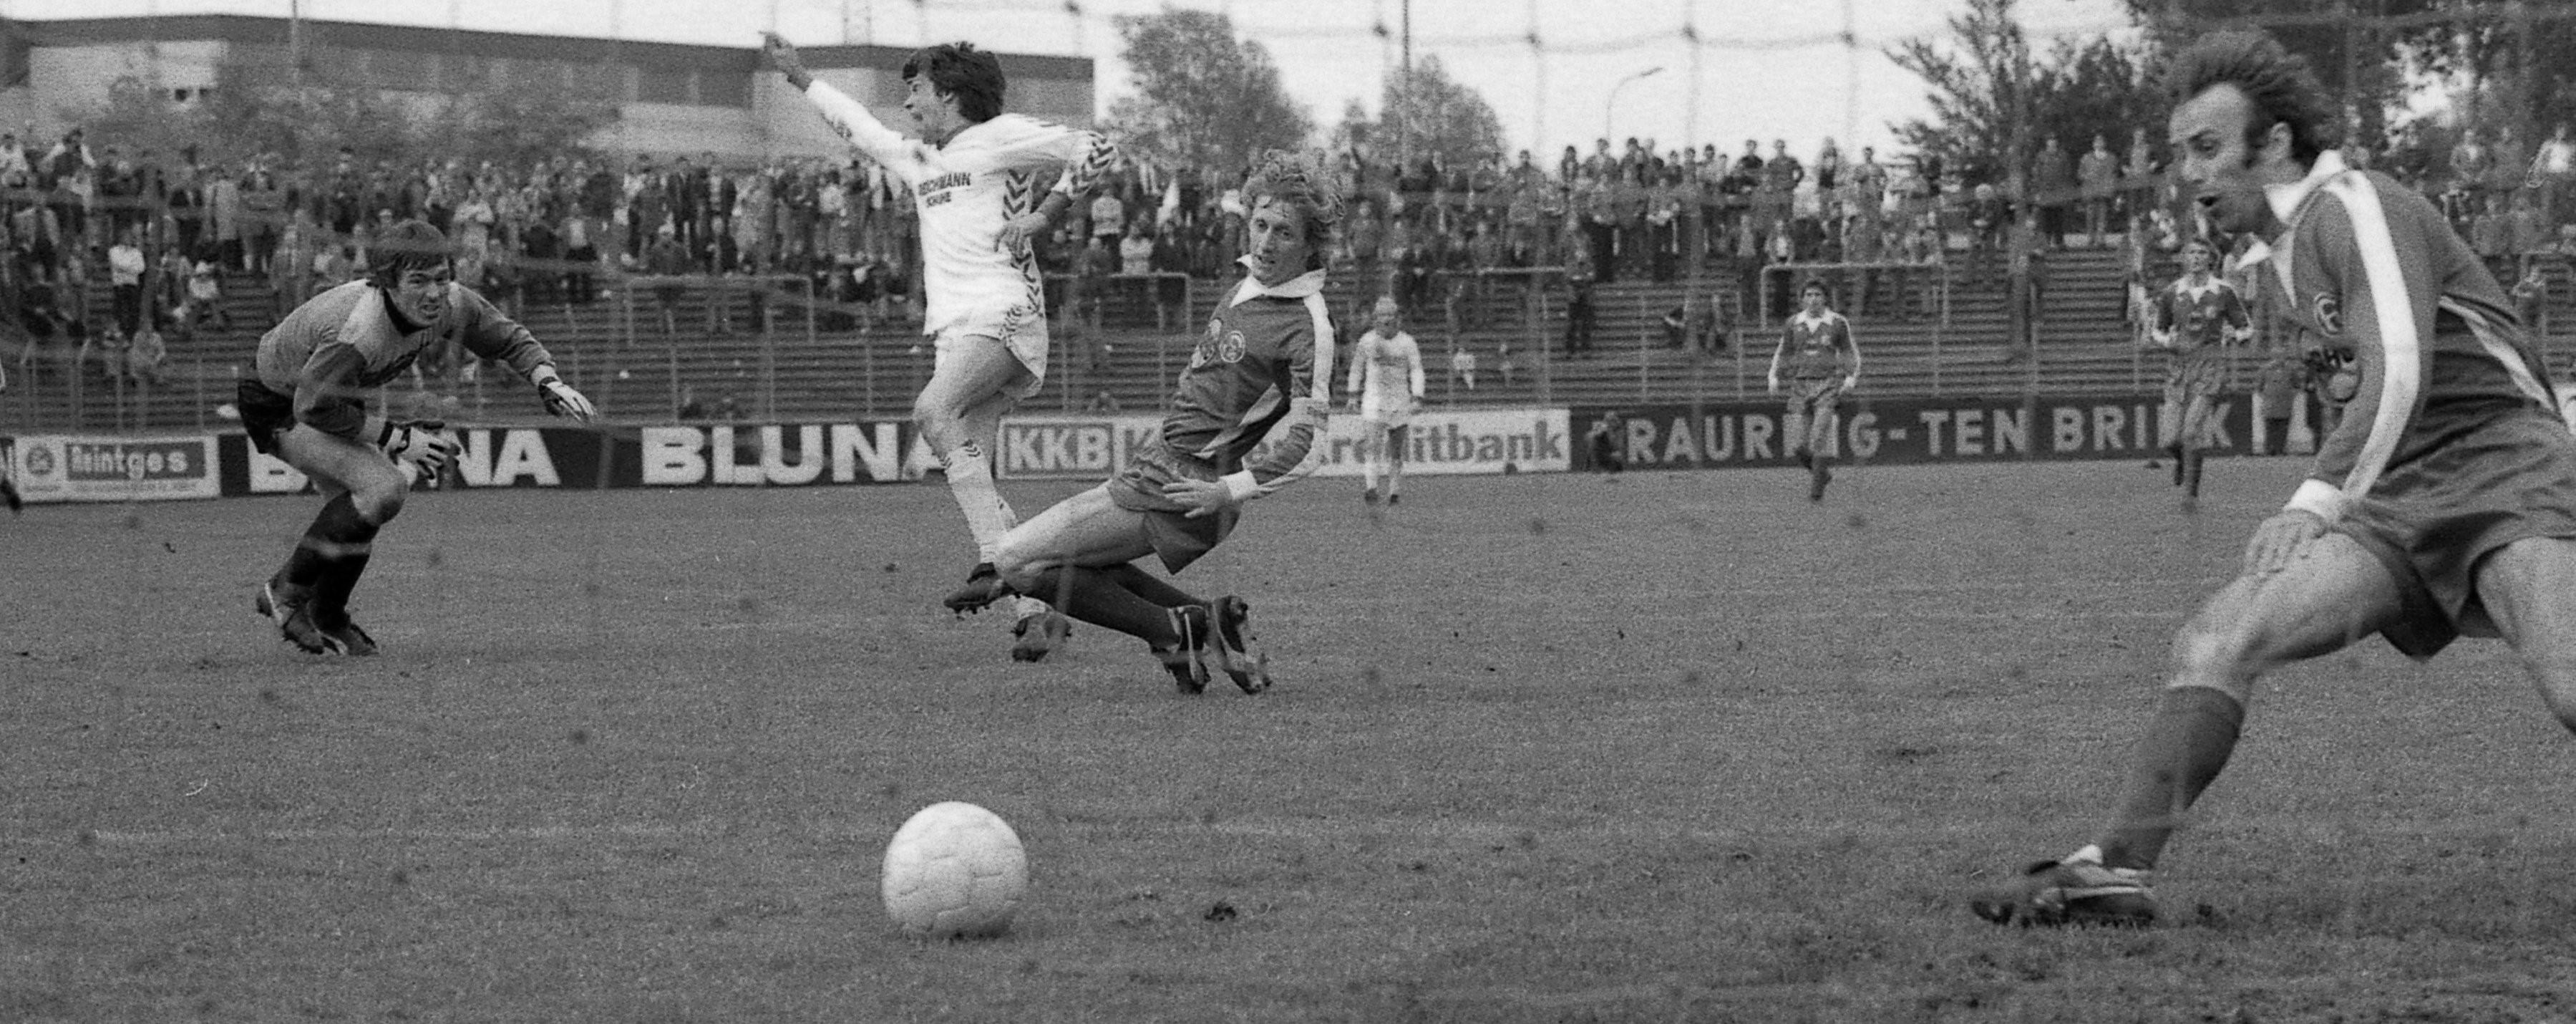 Werner Lorant erzielte gegen Fortuna Düsseldorf neben einigen Pokaltreffern auch das bisher letzte Bundesligator für RWE. (Foto: Archiv)